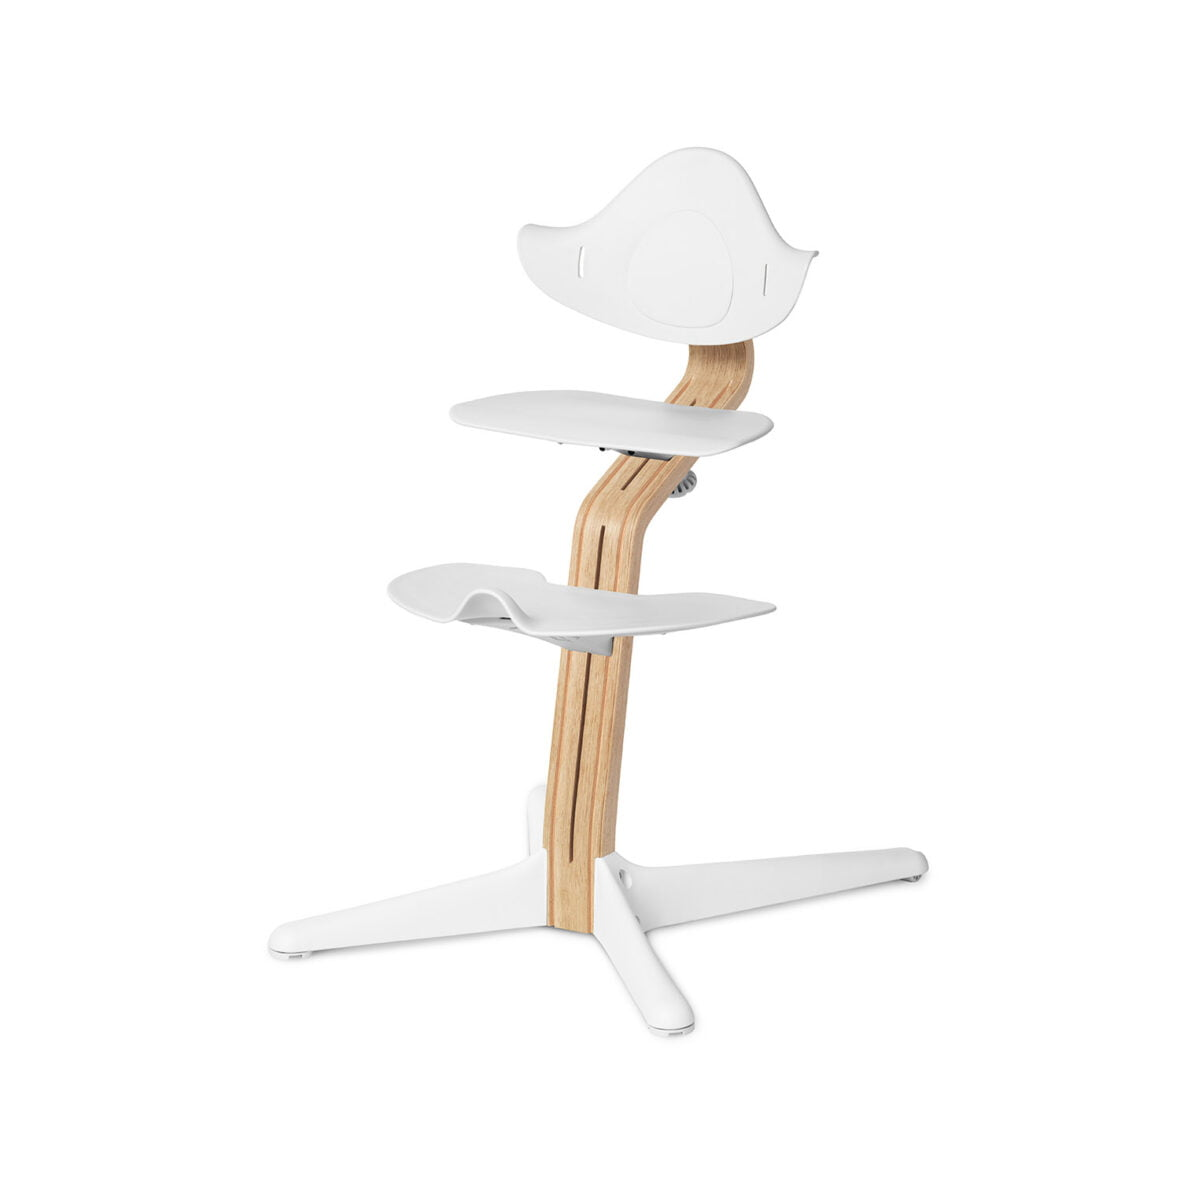 Nomi Dječja stolica, Bijela + Nomi Standardna baza Uljena bijela